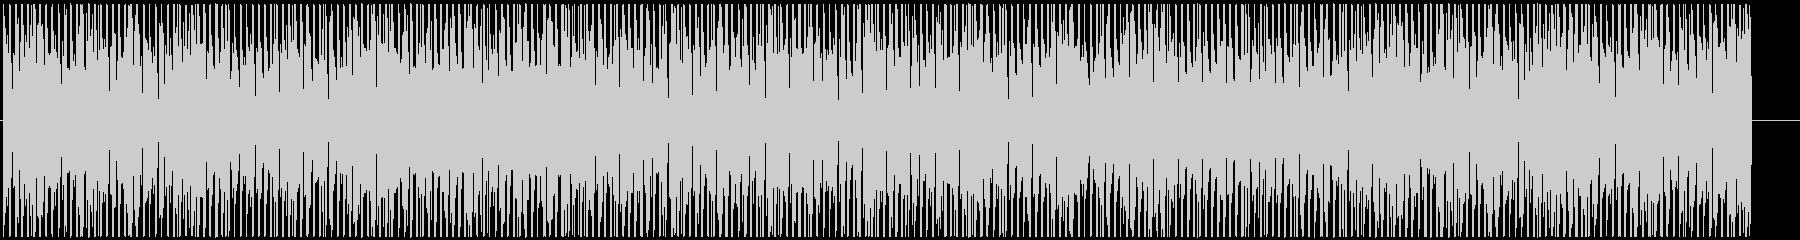 4つ打ち ほのぼのレゲエ の未再生の波形